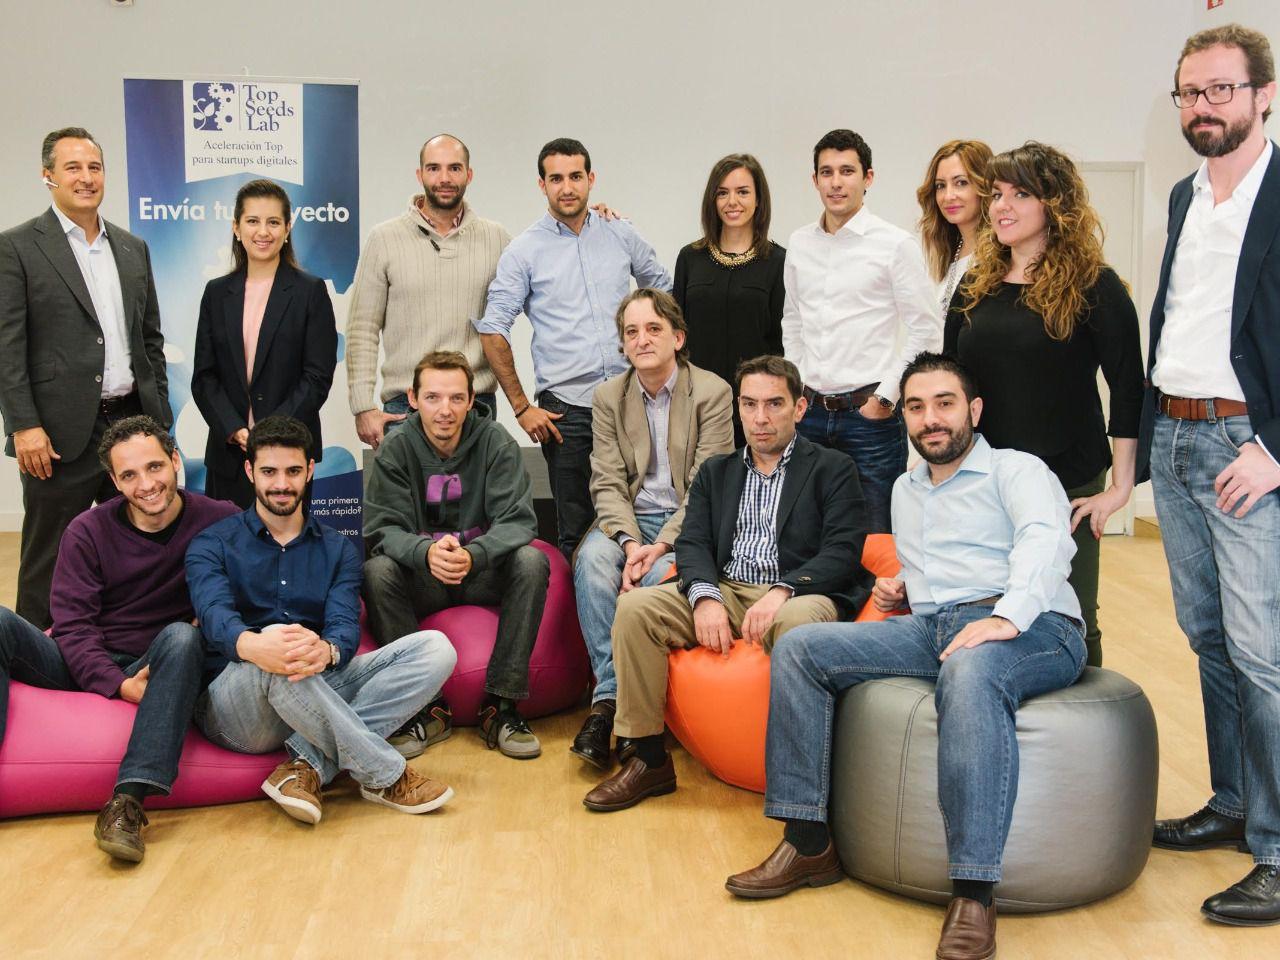 Los emprendedores valoran el talento de su equipo y miran hacia Latinoamérica